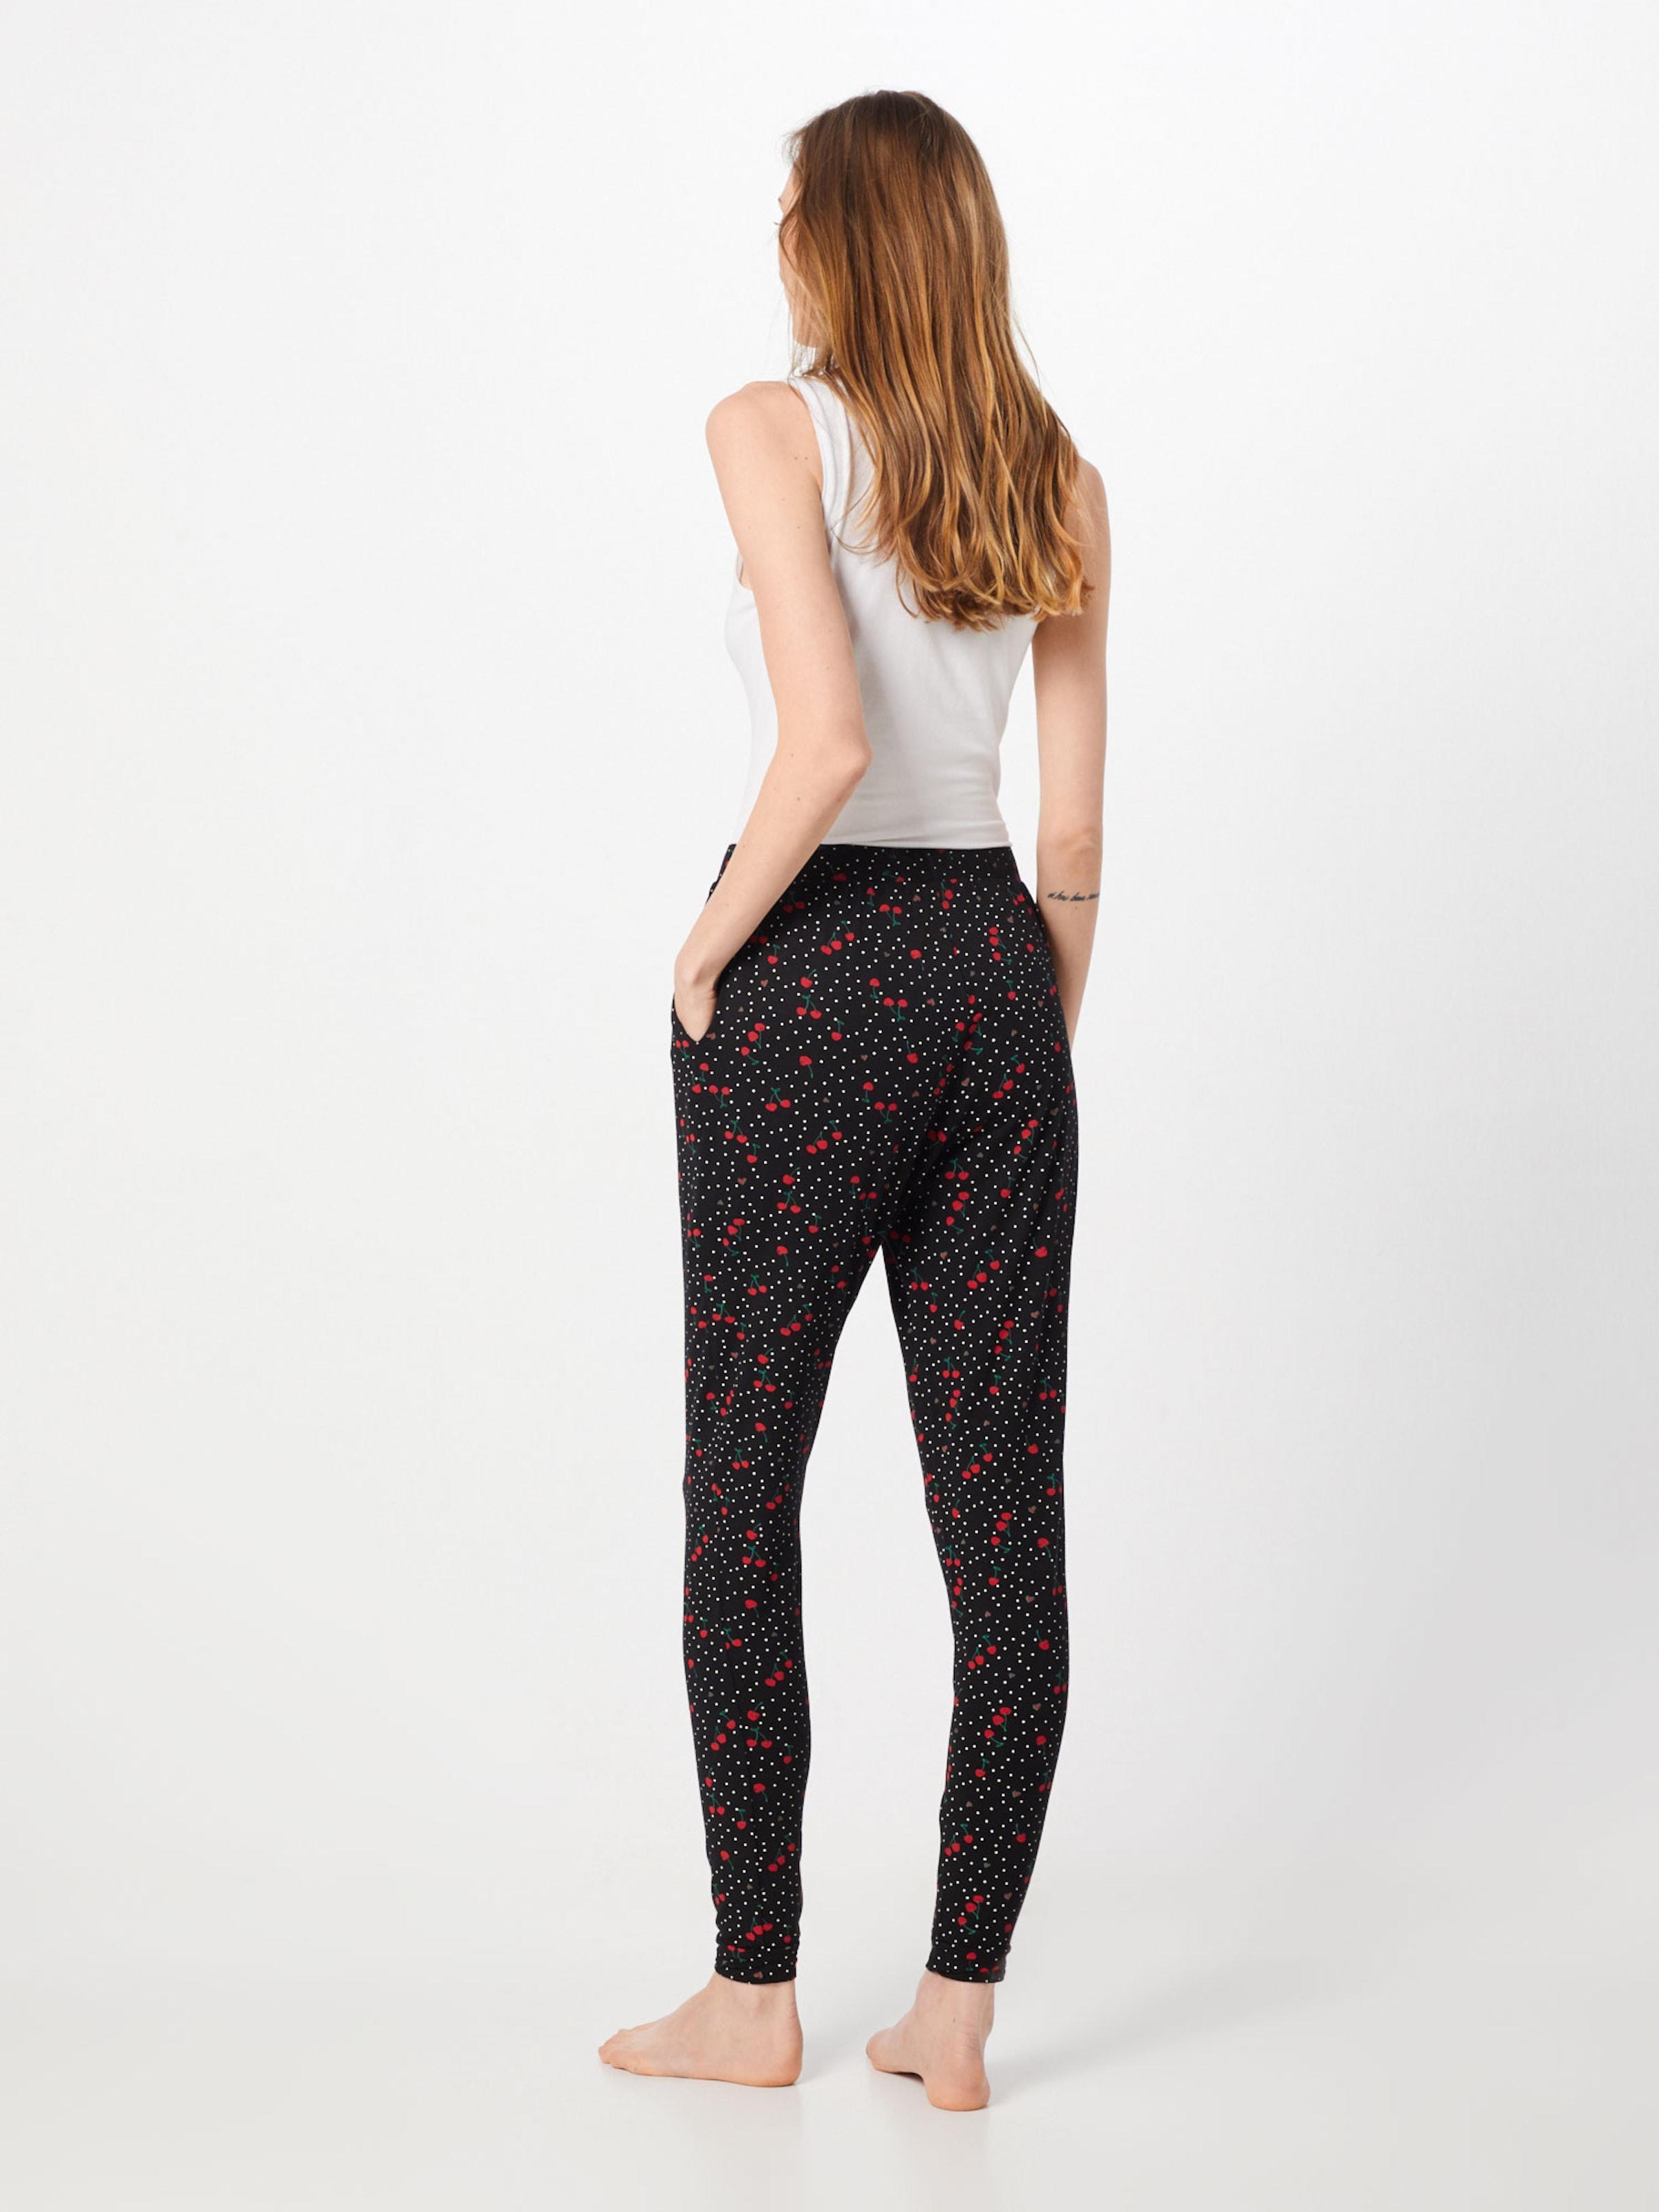 Pantalon Pyjama Noir VertRouge 'cherry' En Blanc De Hunkemöller IbfmY6gv7y